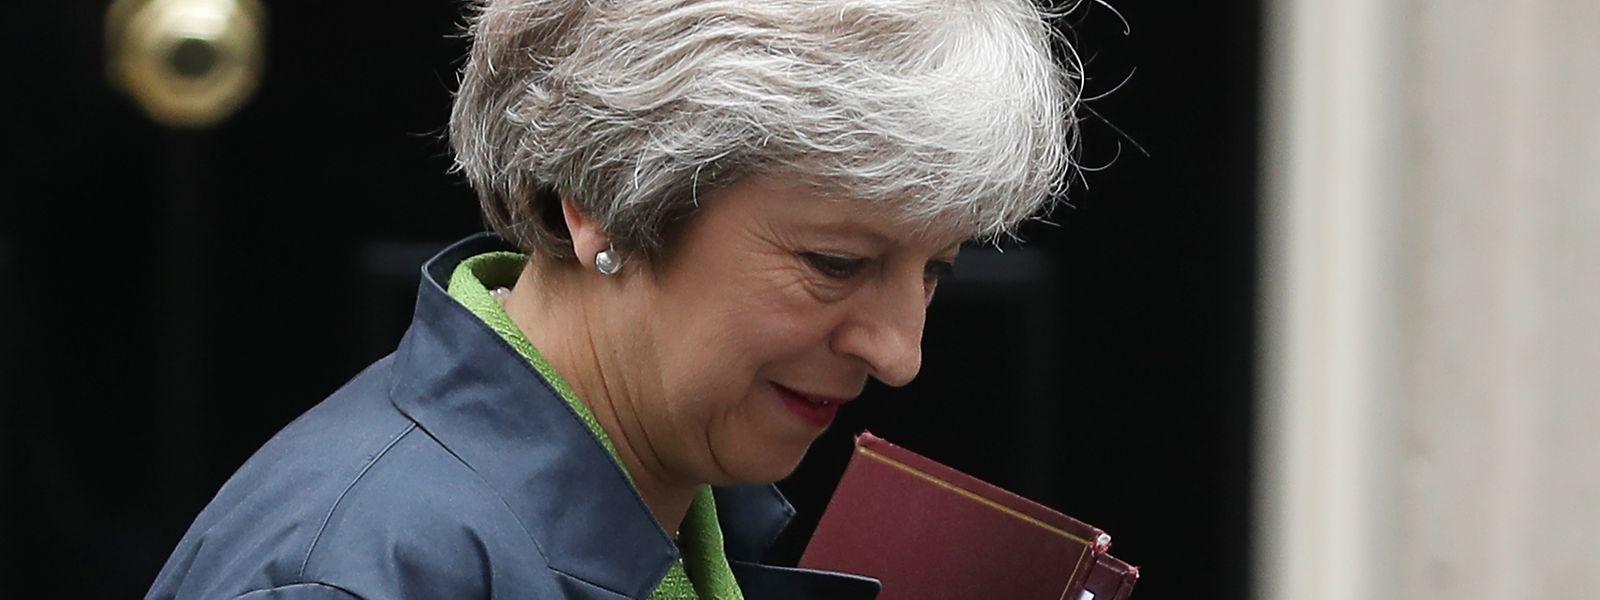 Premierministerin Theresa May vor der Haustür von 10, Downing Street.